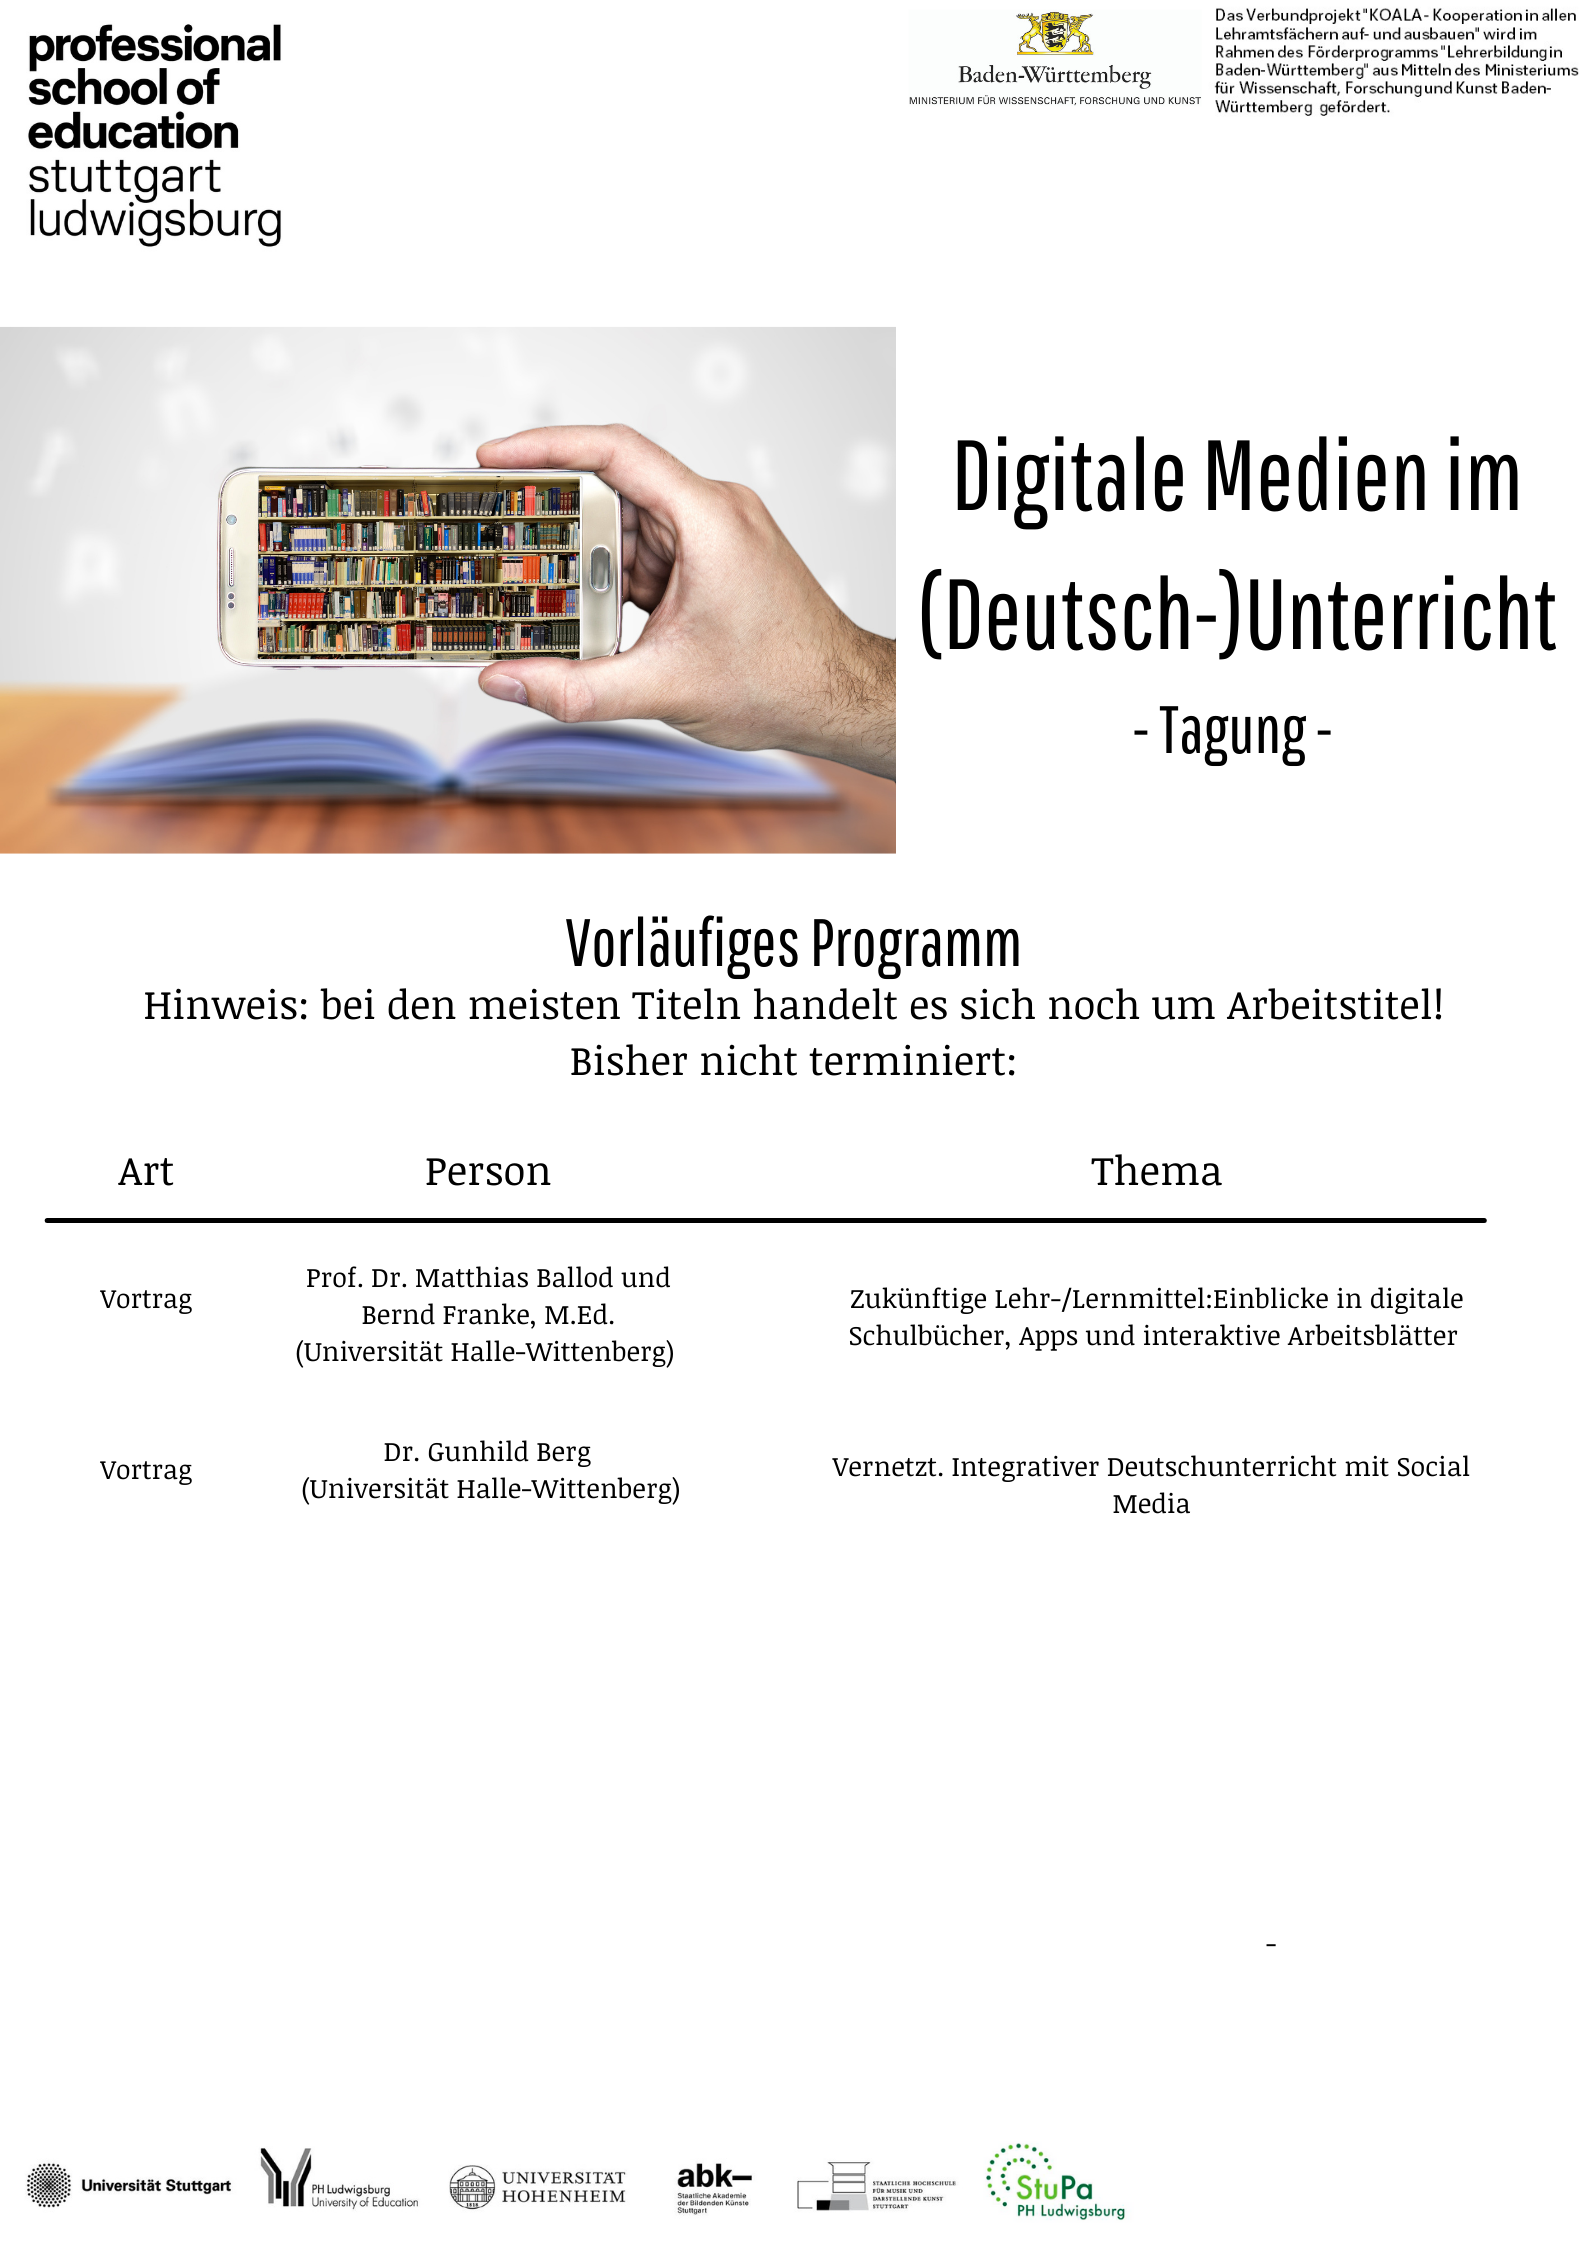 Tagung - Digitale Medien im (Deutsch-)Unterricht